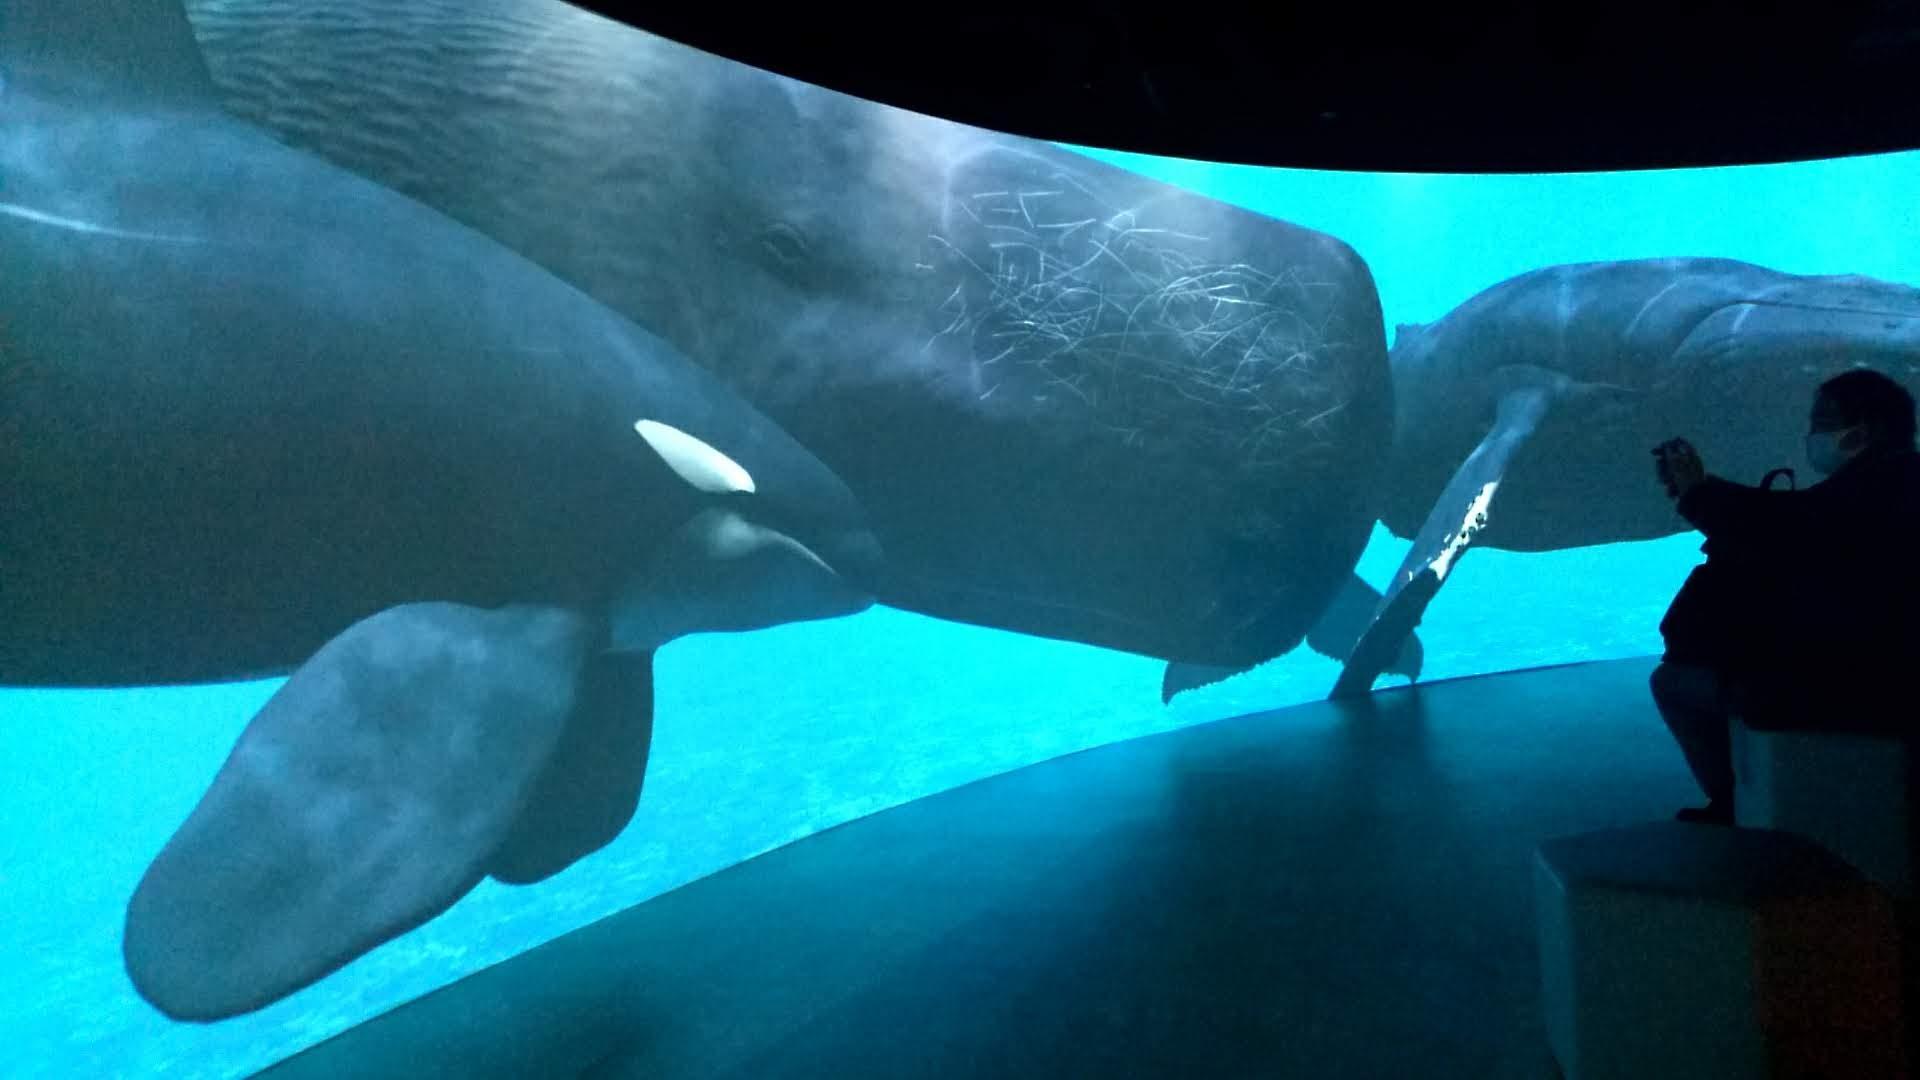 四国水族館から読み解く 『水族館未来の形』